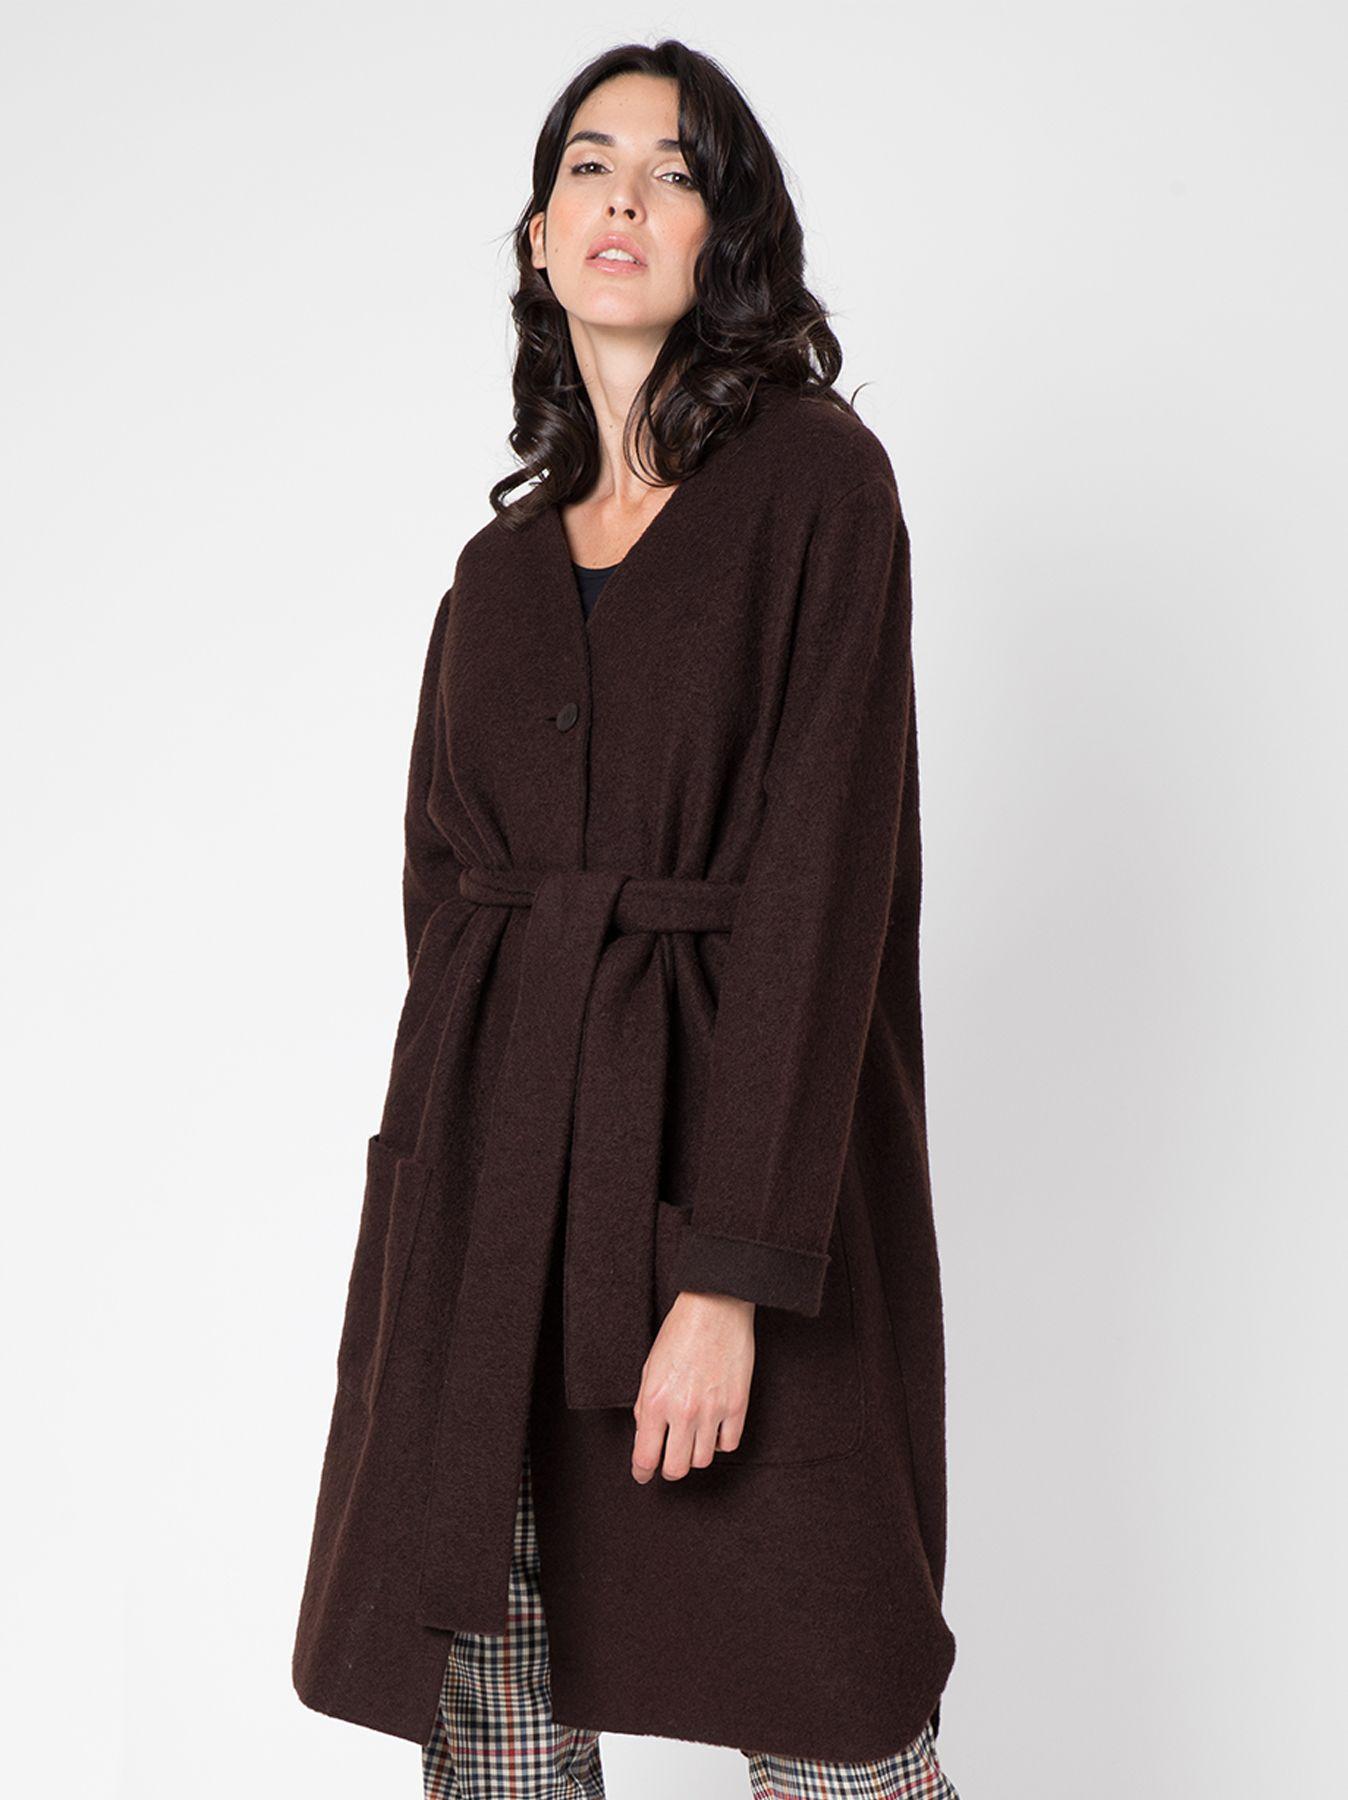 Giacca lunga in lana cotta TESTA DI MORO